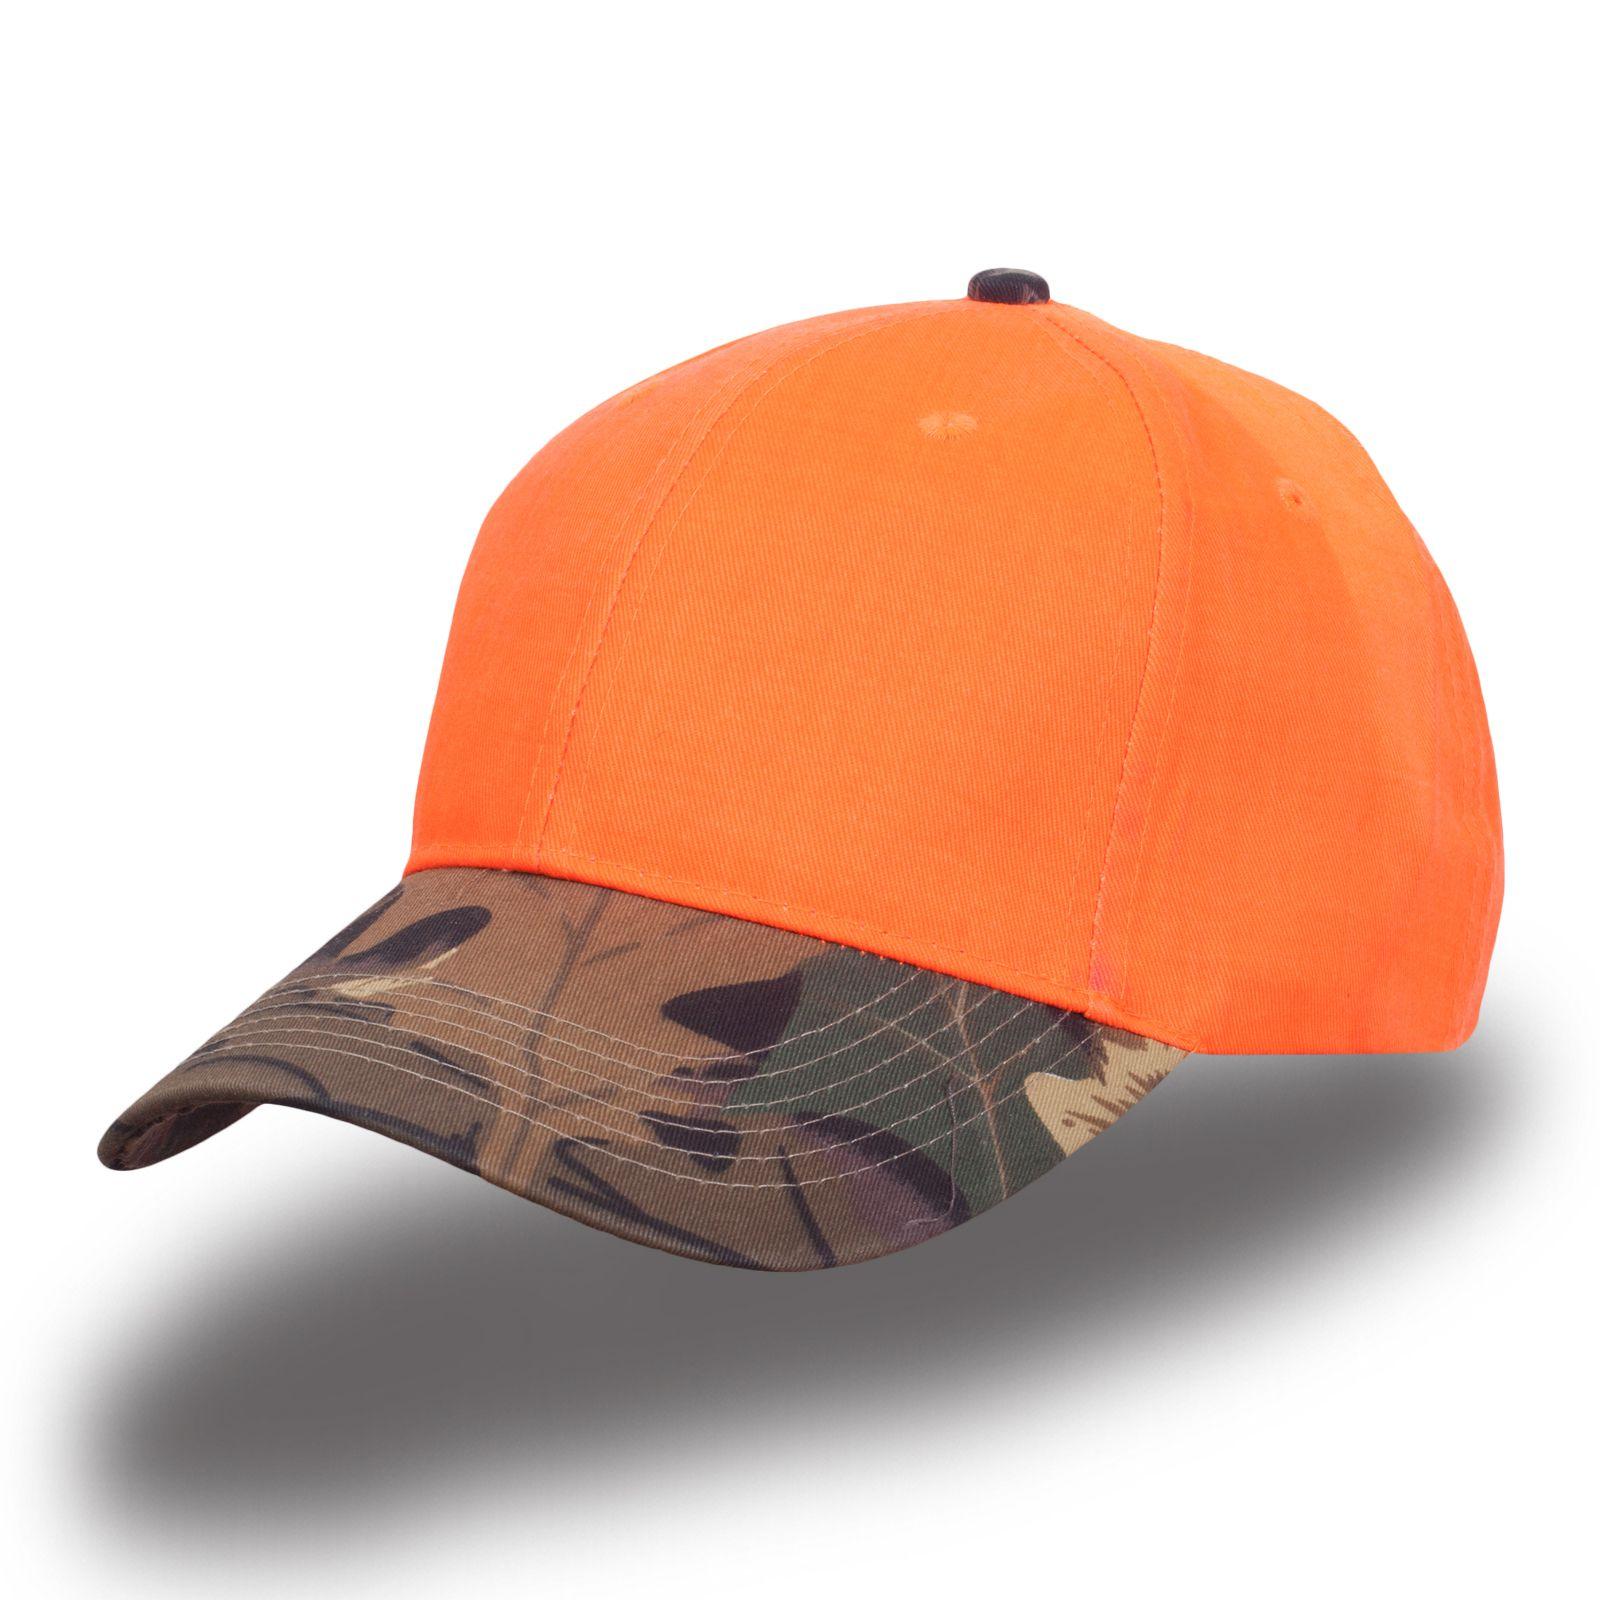 Оранжевая кепка - купить в интернет-магазине с доставкой